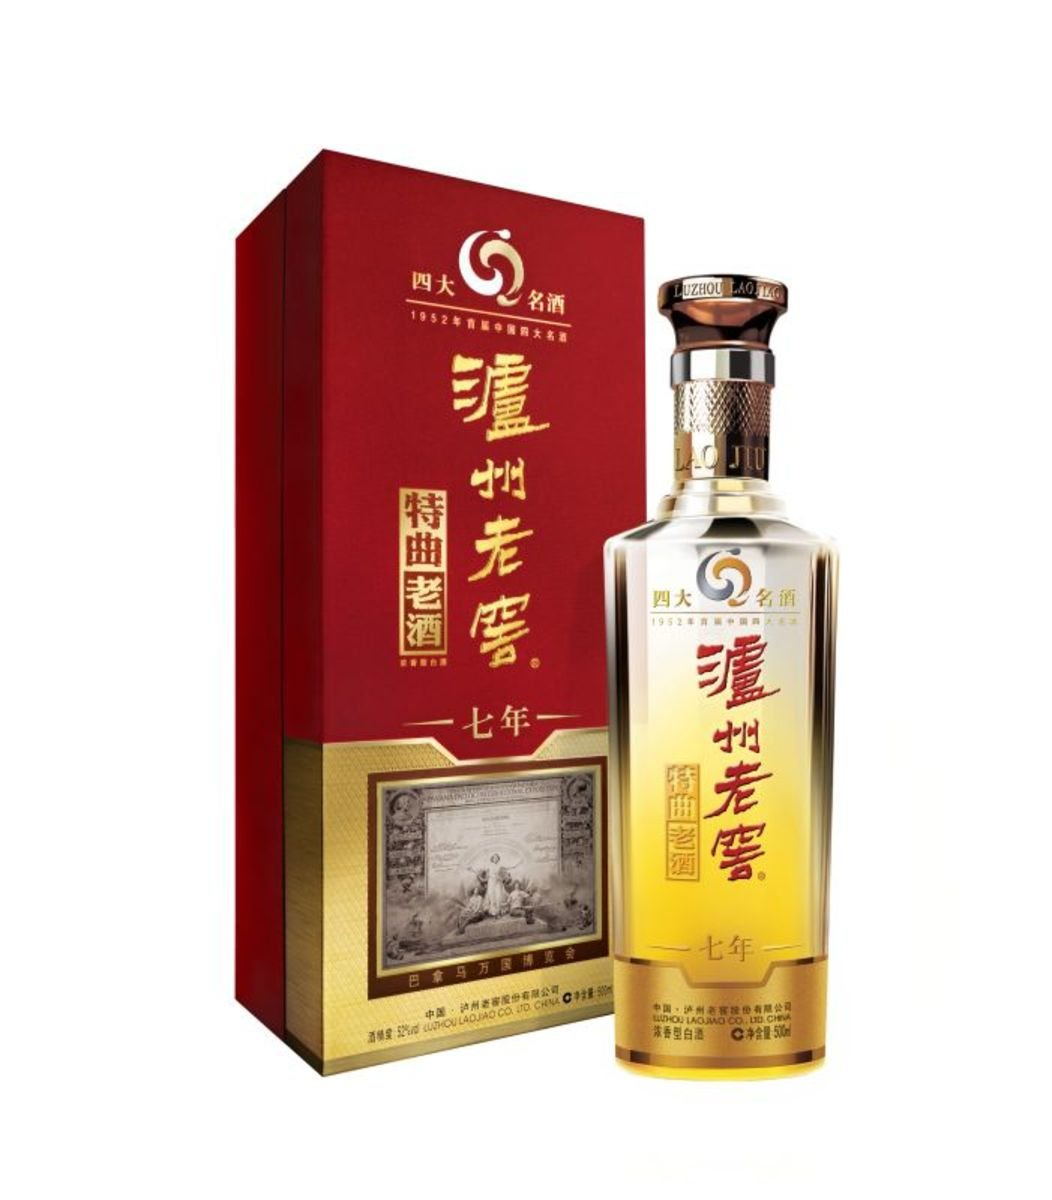 瀘州老窖 特曲老酒 7年 500毫升  52% 酒精度 濃香型 1支